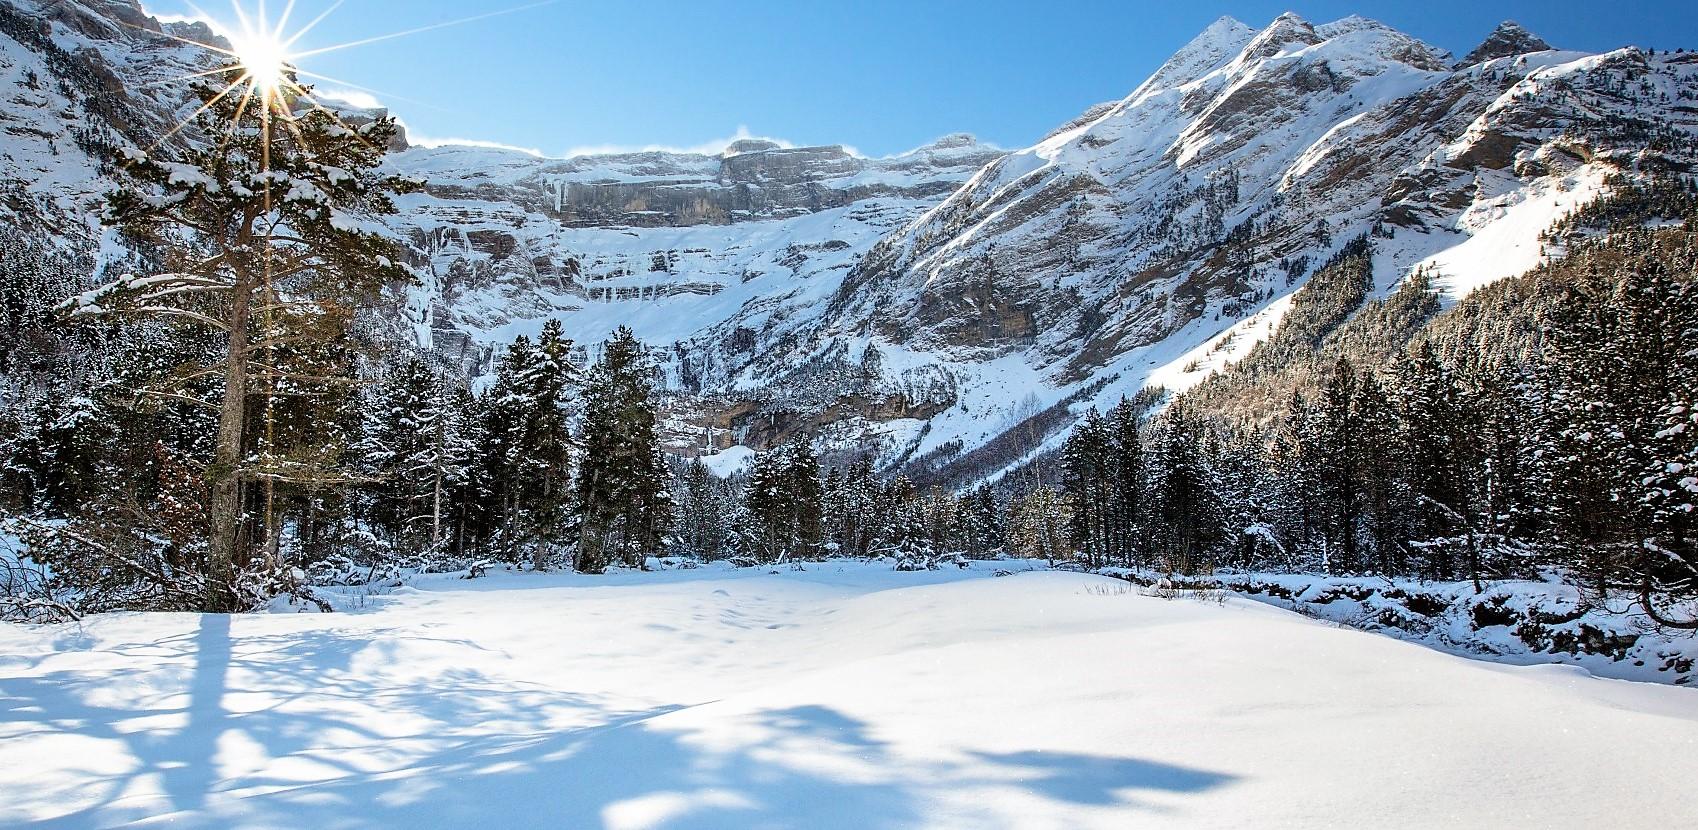 Gavarnie-Gedre estación esquí Francia:  Esquí alpino, esquí nórdico, raquetas de nieve y skimo en grandes paisajes de Pirineos